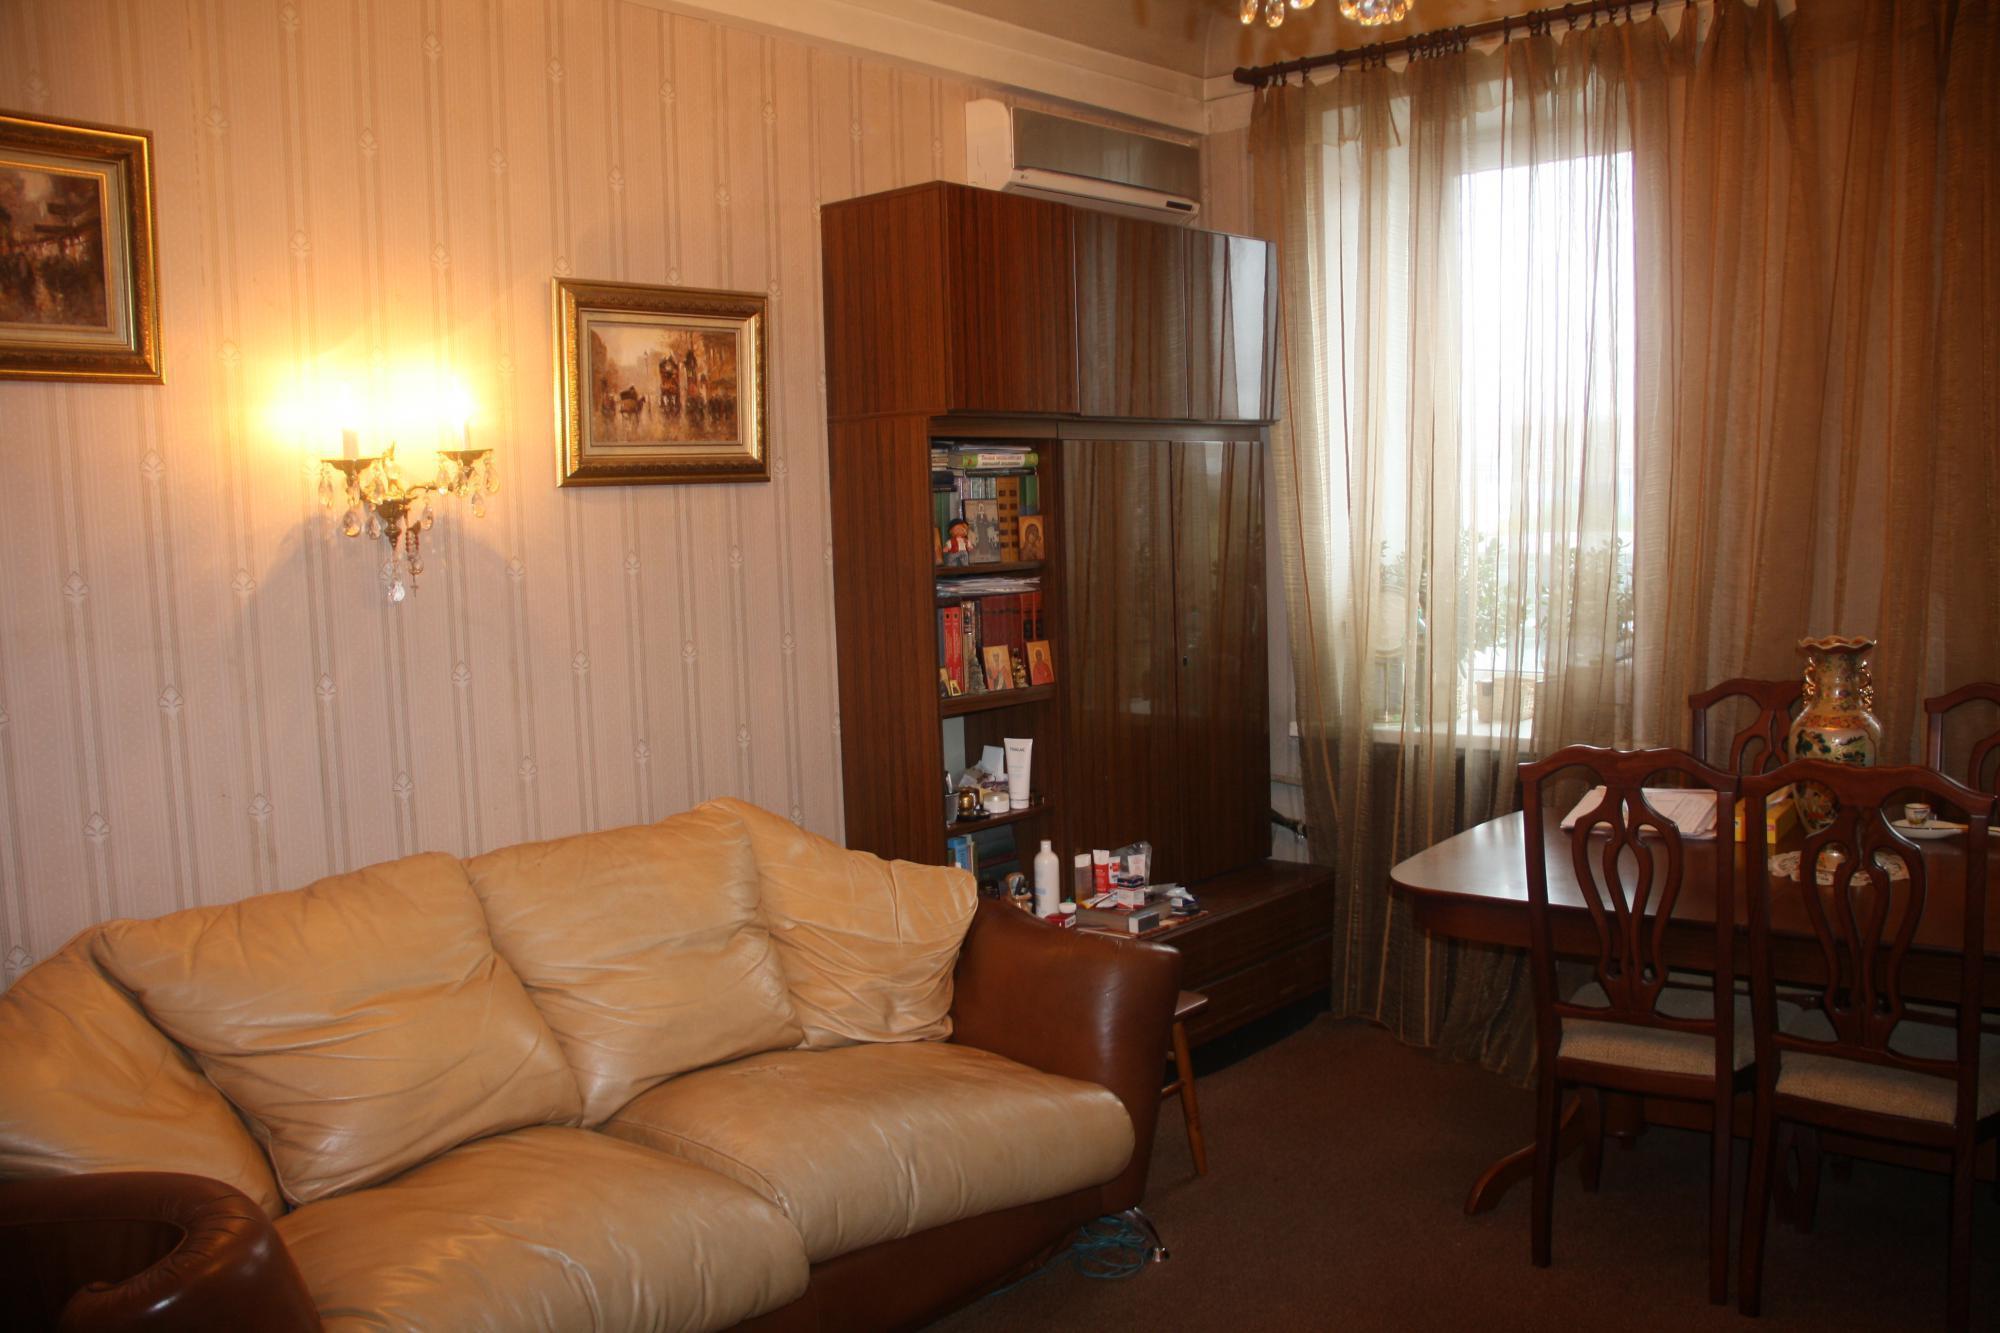 Москва, 3-х комнатная квартира, Ленинградский пр-кт. д.50, 13980000 руб.